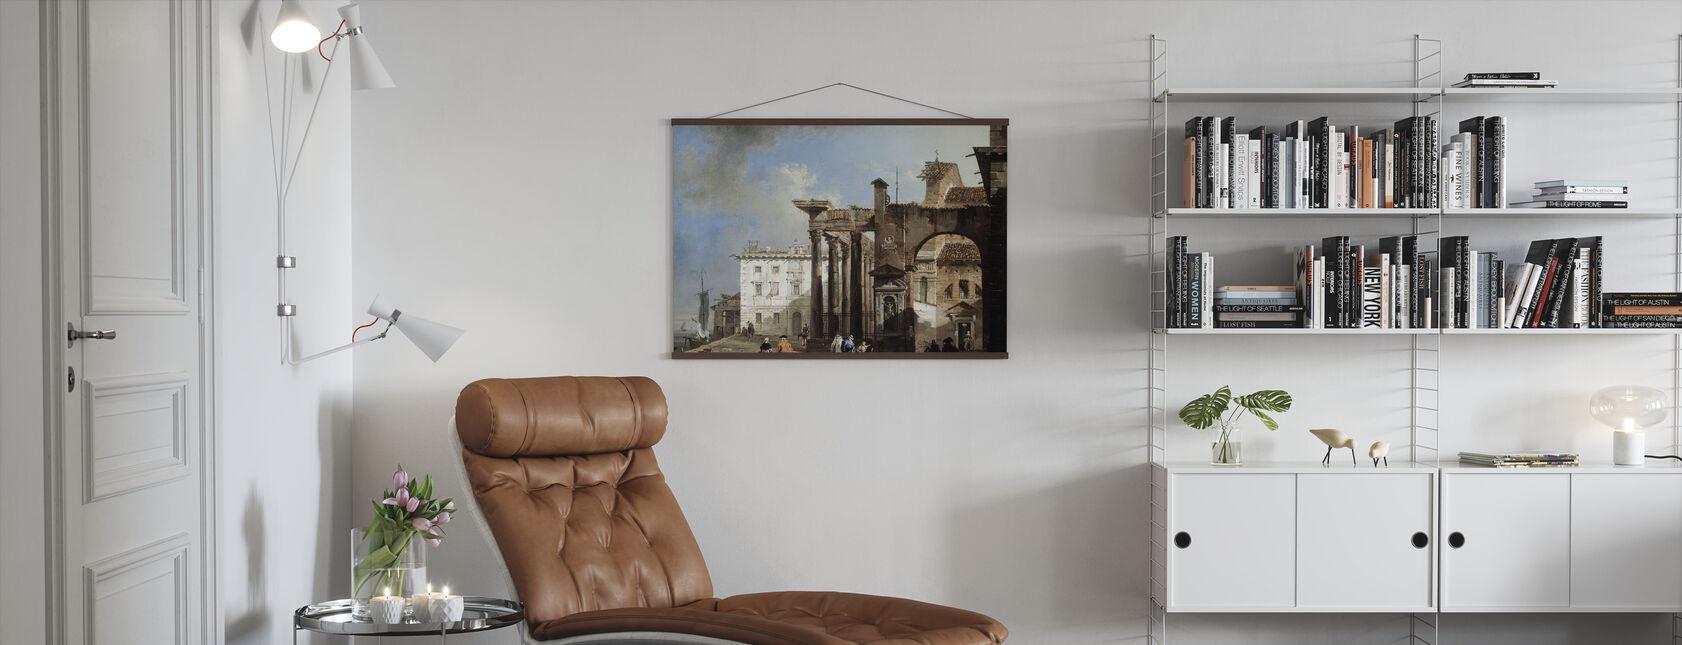 San Lorenzos pelare - Giovanni Migliara - Poster - Vardagsrum